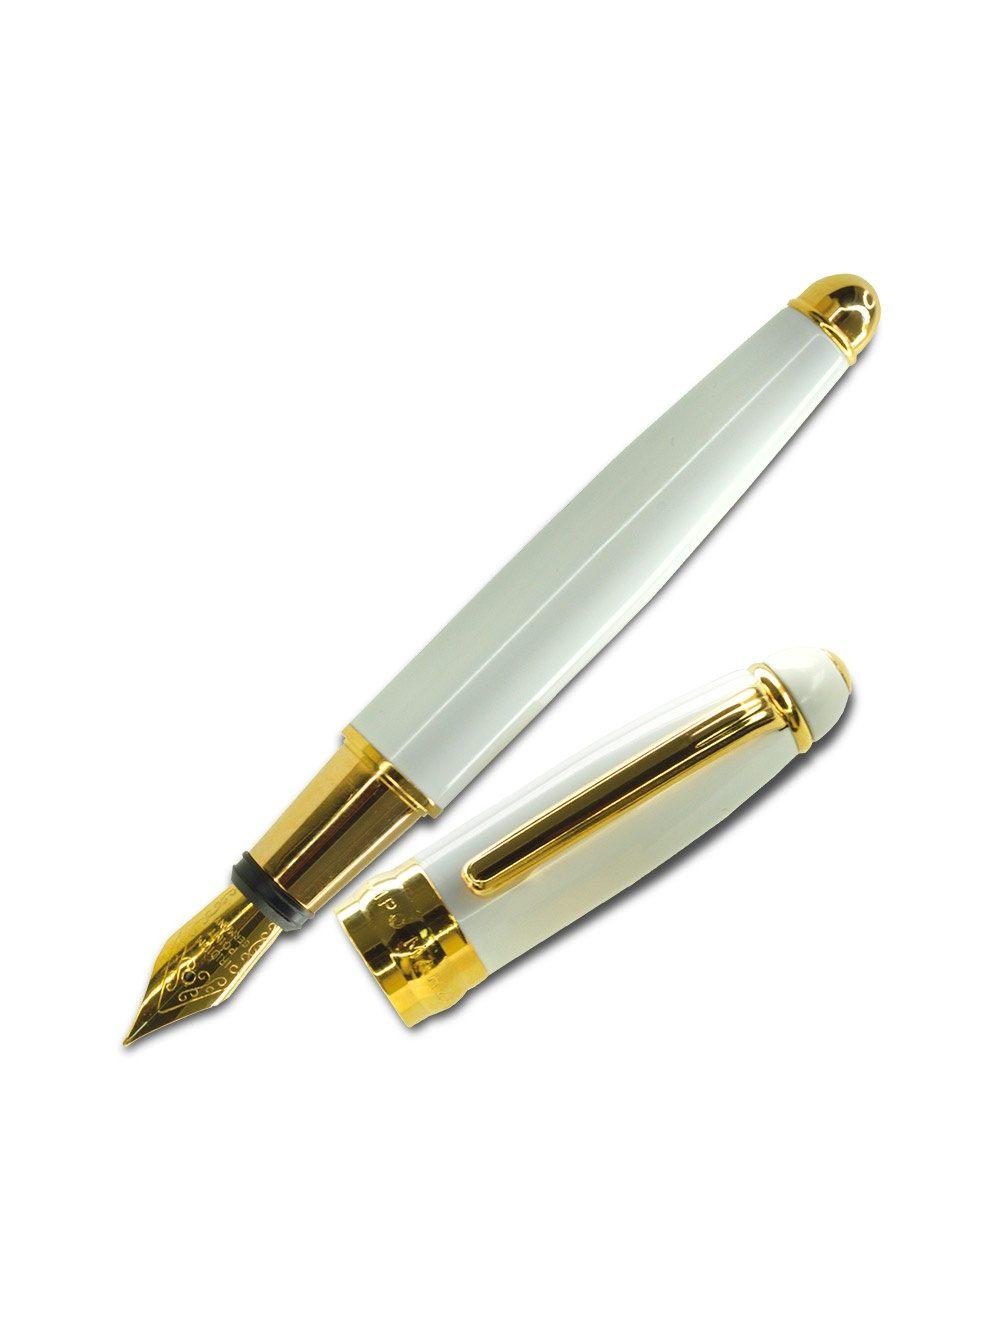 Minny Fountain Pen - White